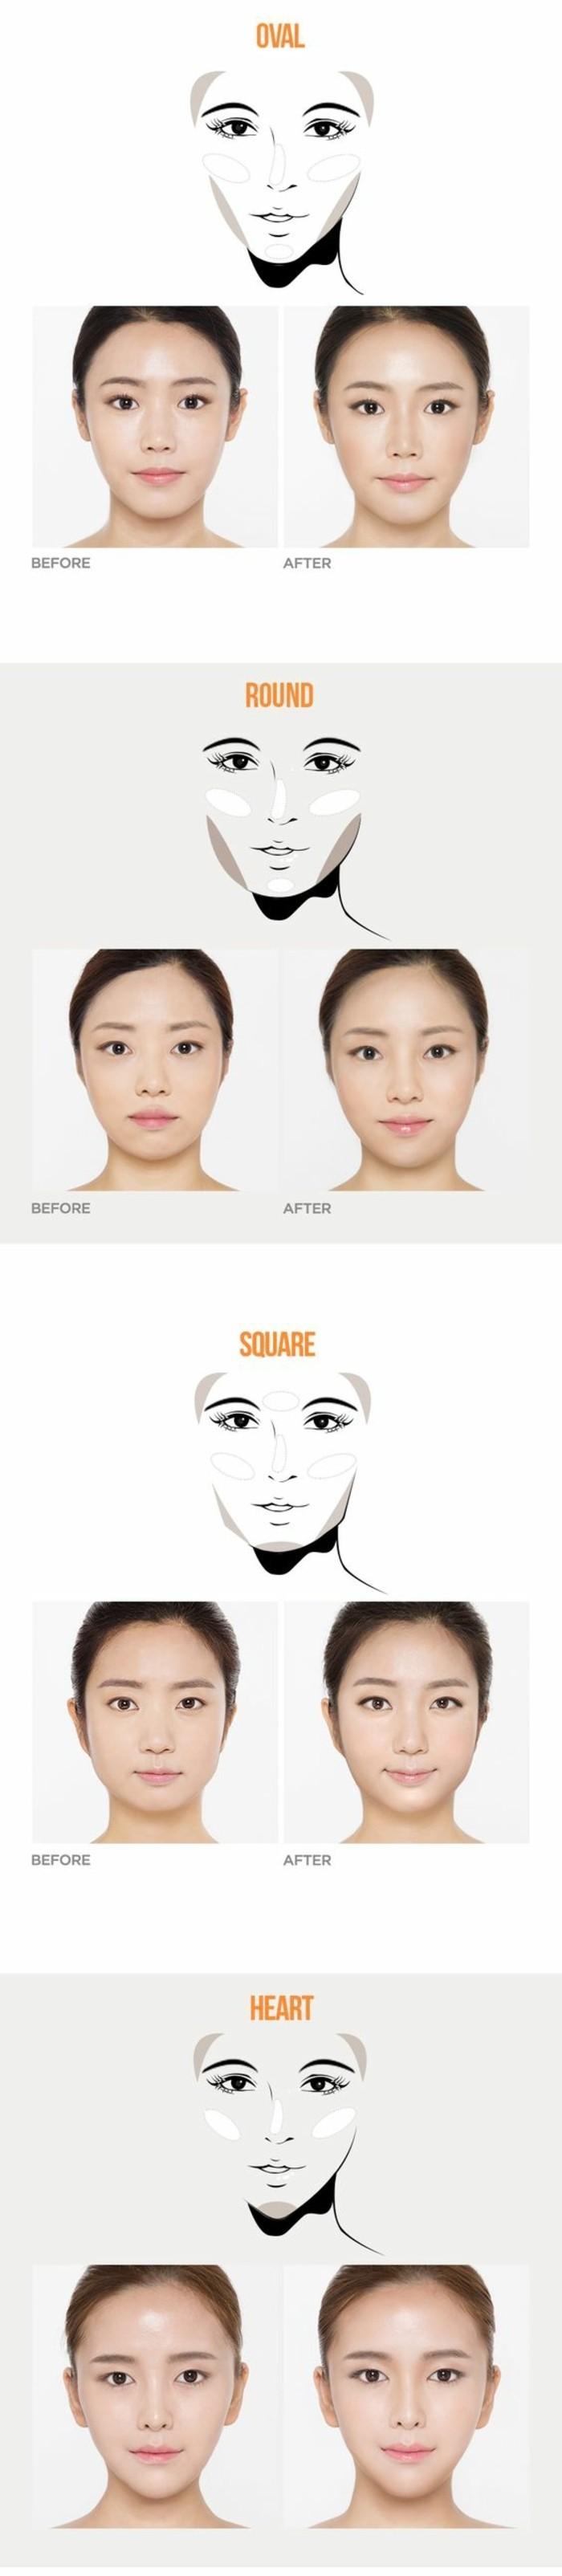 000-maquillage-asiatique-apprendre-a-se-maquiller-selon-la-forme-de-visage